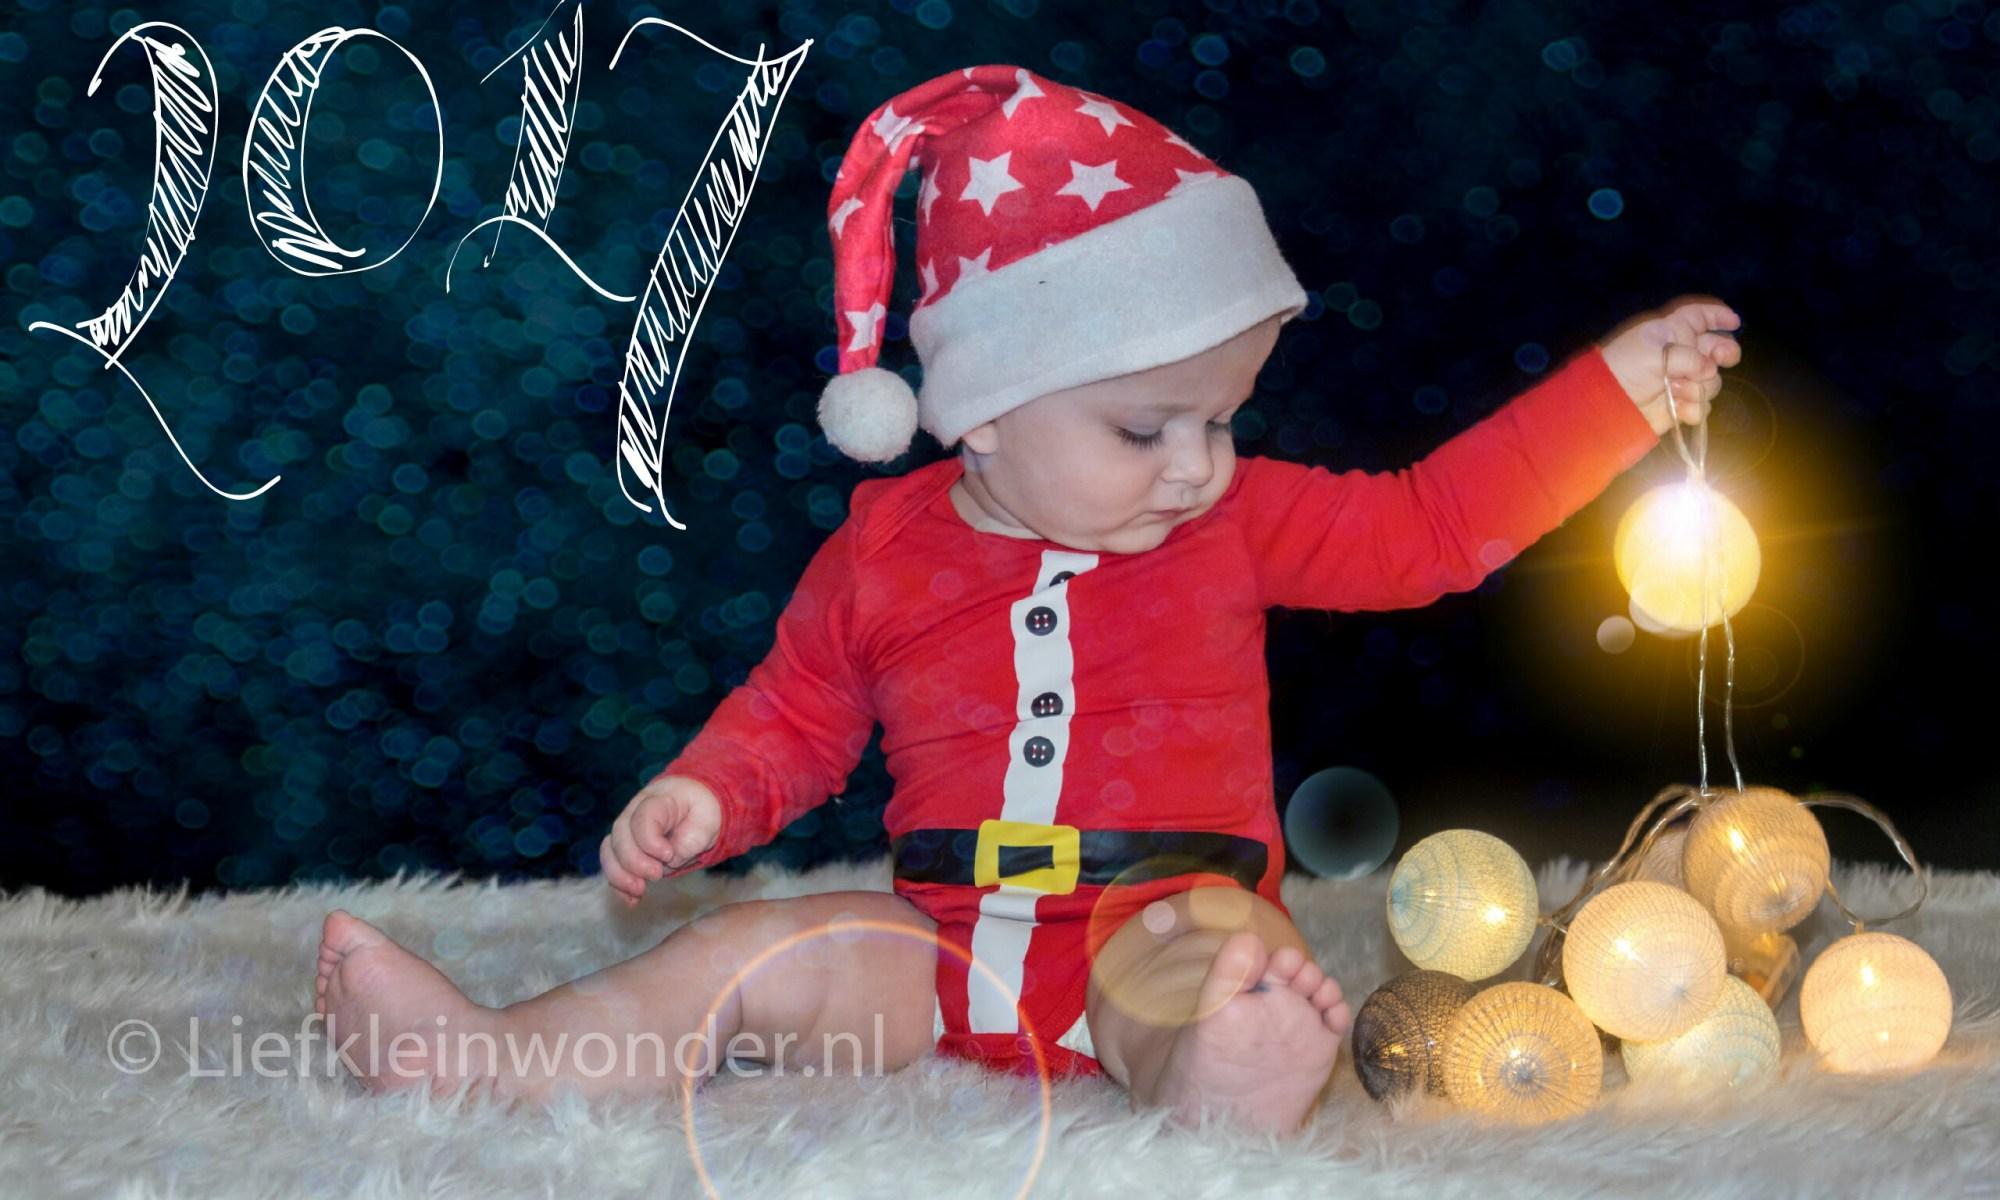 Eerste kerstavond met kind, kerstboom, baby